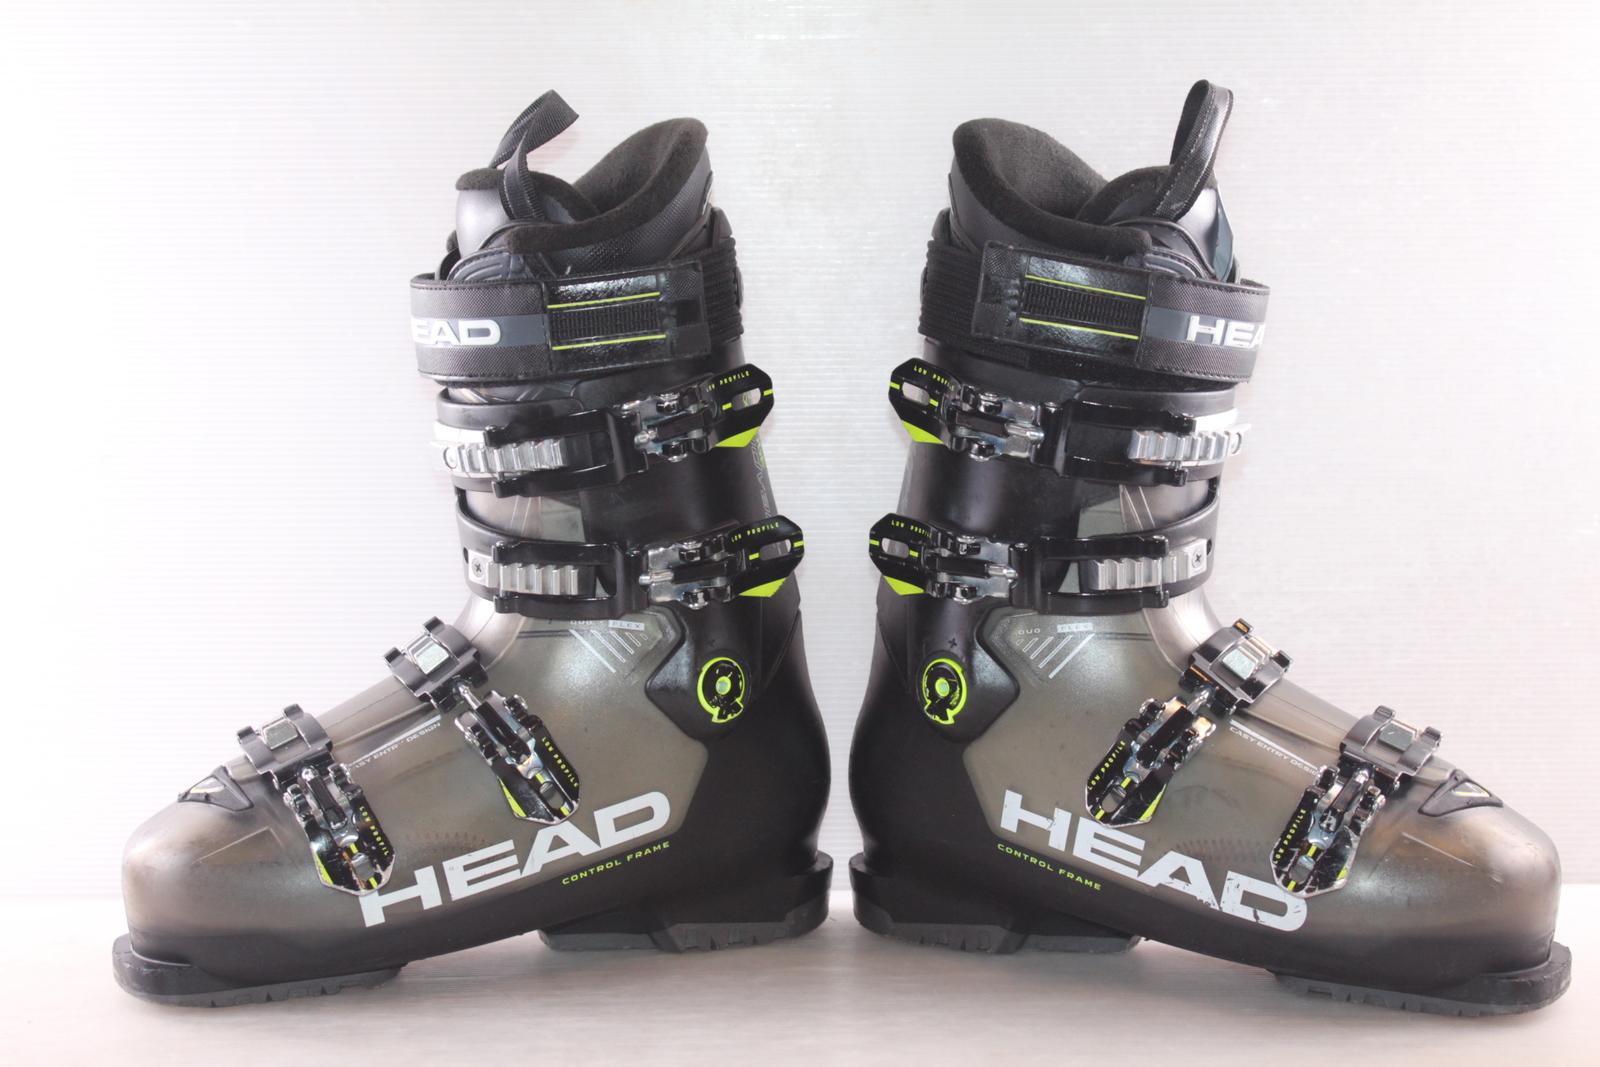 Lyžařské boty Head Advant Edge 85 vel. EU42 flexe 85